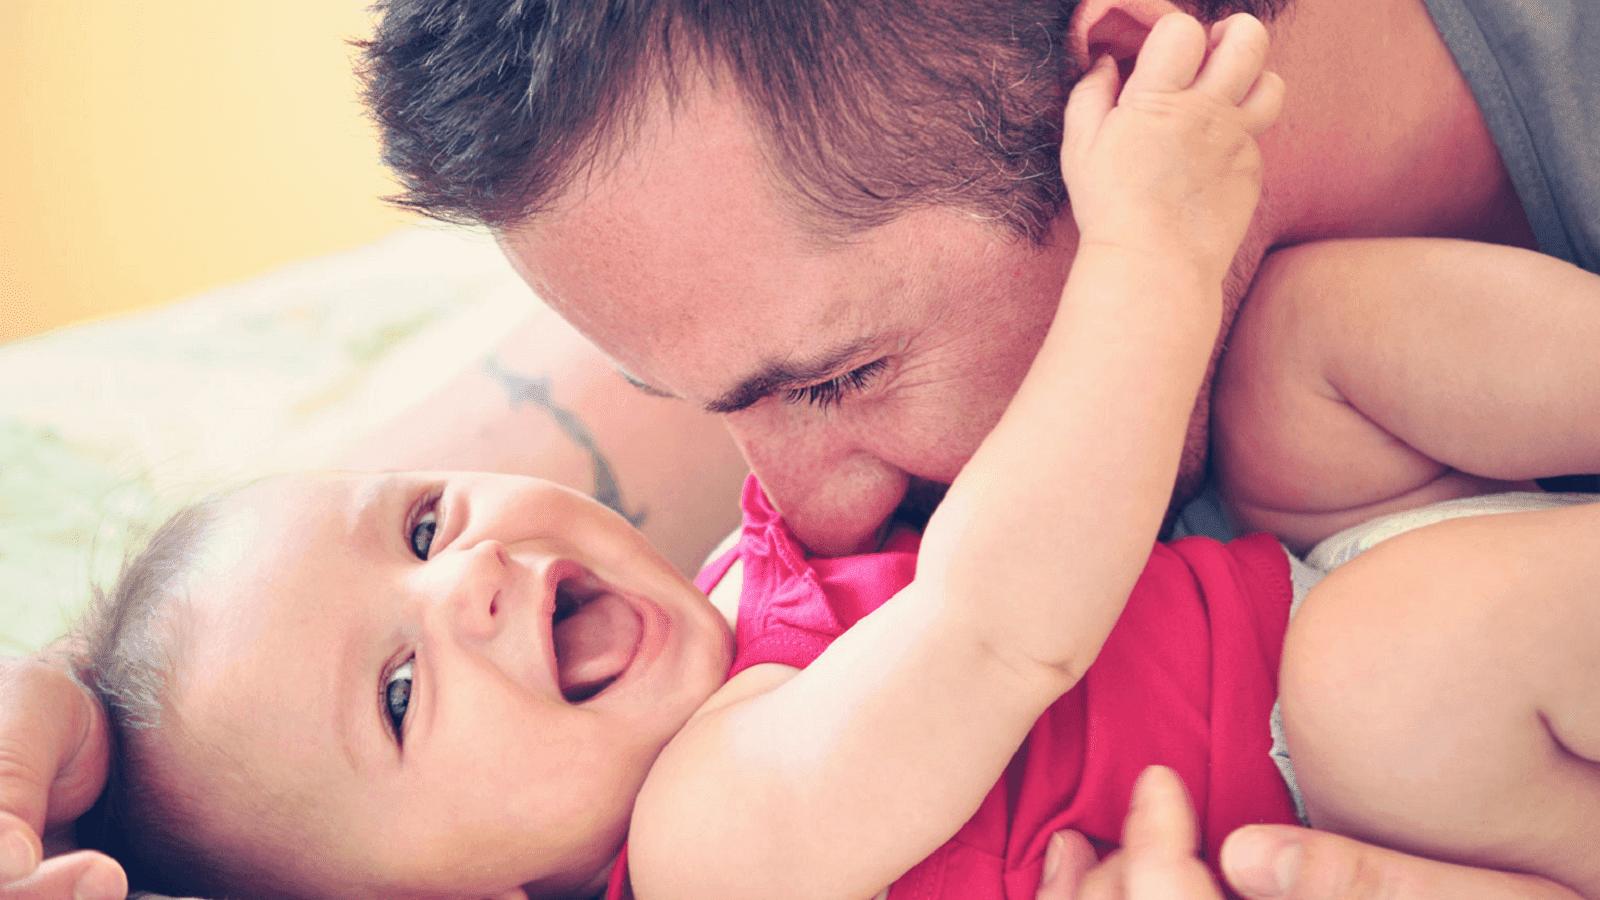 ΜΕΛΕΤΗ: Οι μπαμπάδες πρέπει να παίζουν περισσότερο με τα μωρά τους - mitrikosthilasmos.com